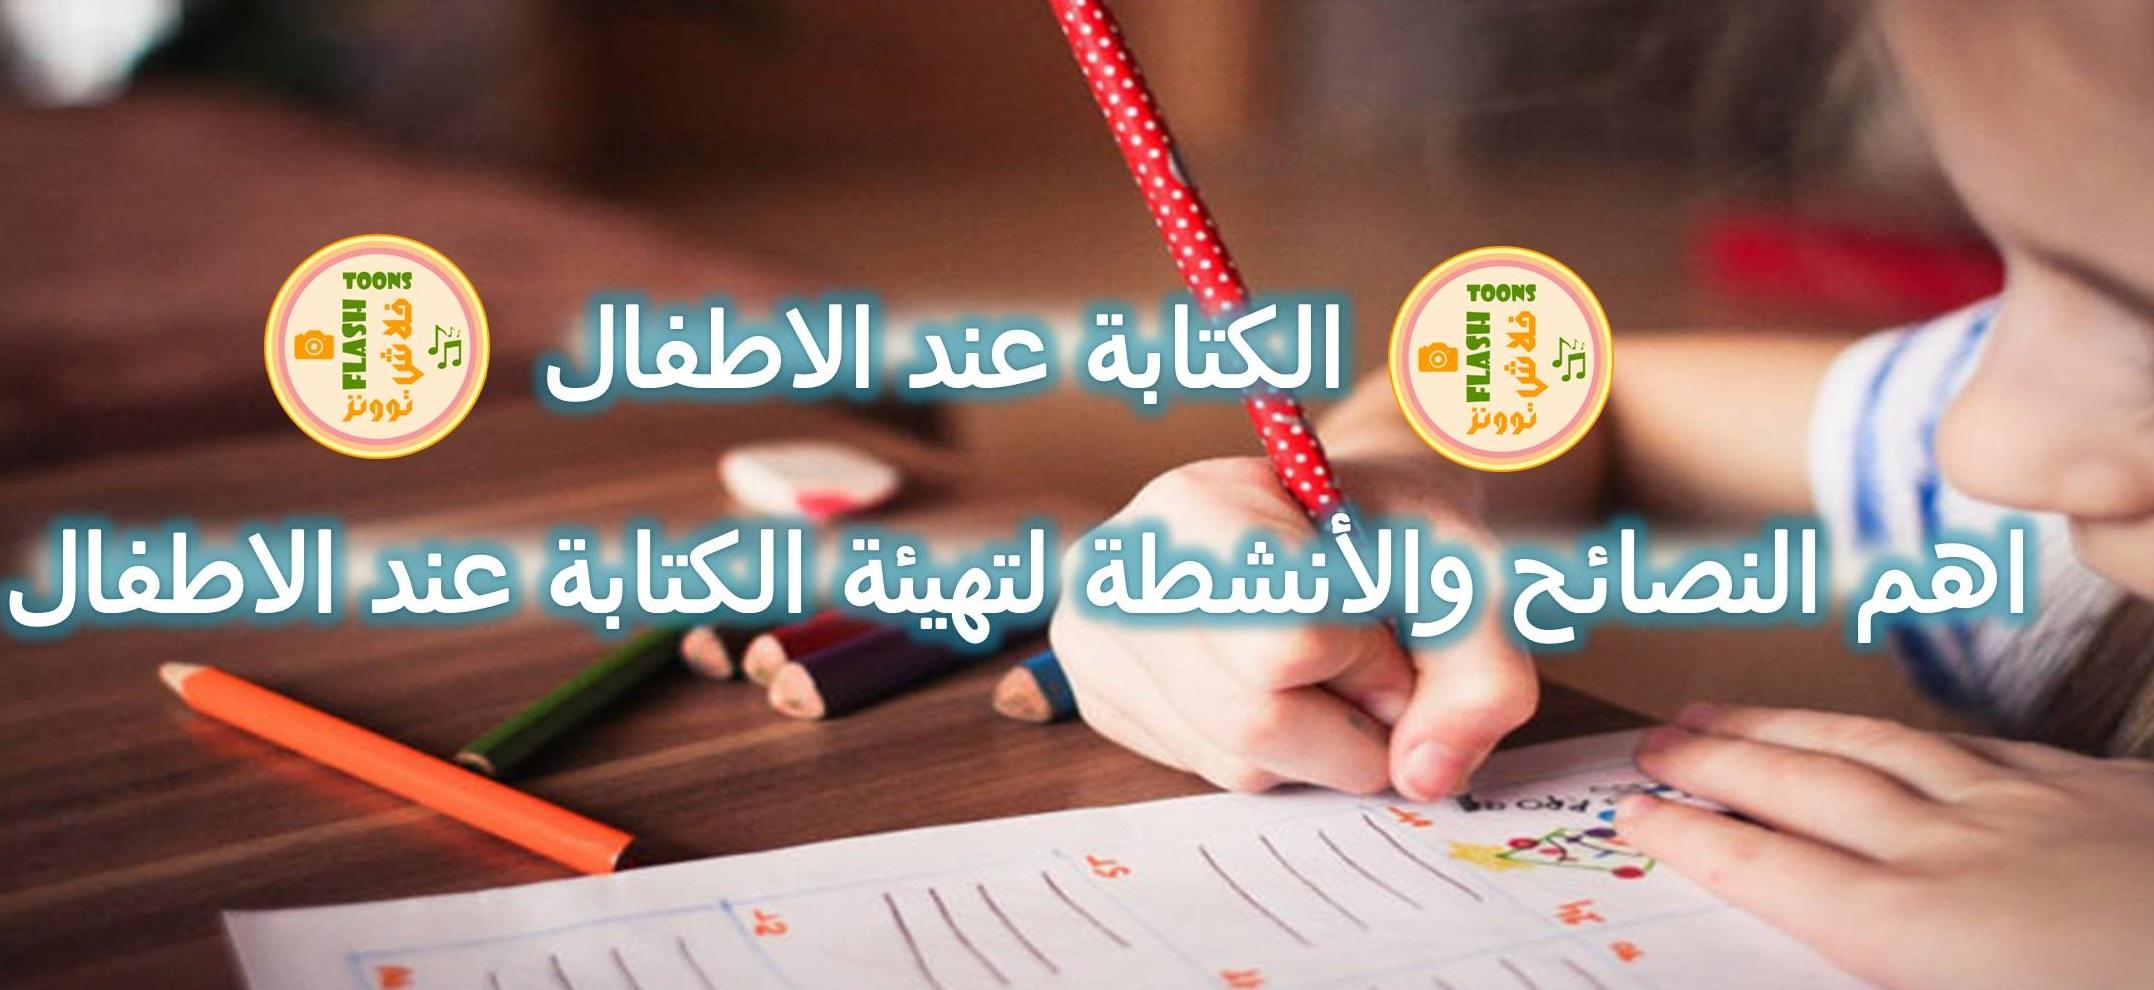 الكتابة عند الاطفال اهم النصائح والأنشطة لتهيئة الكتابة عند الاطفال